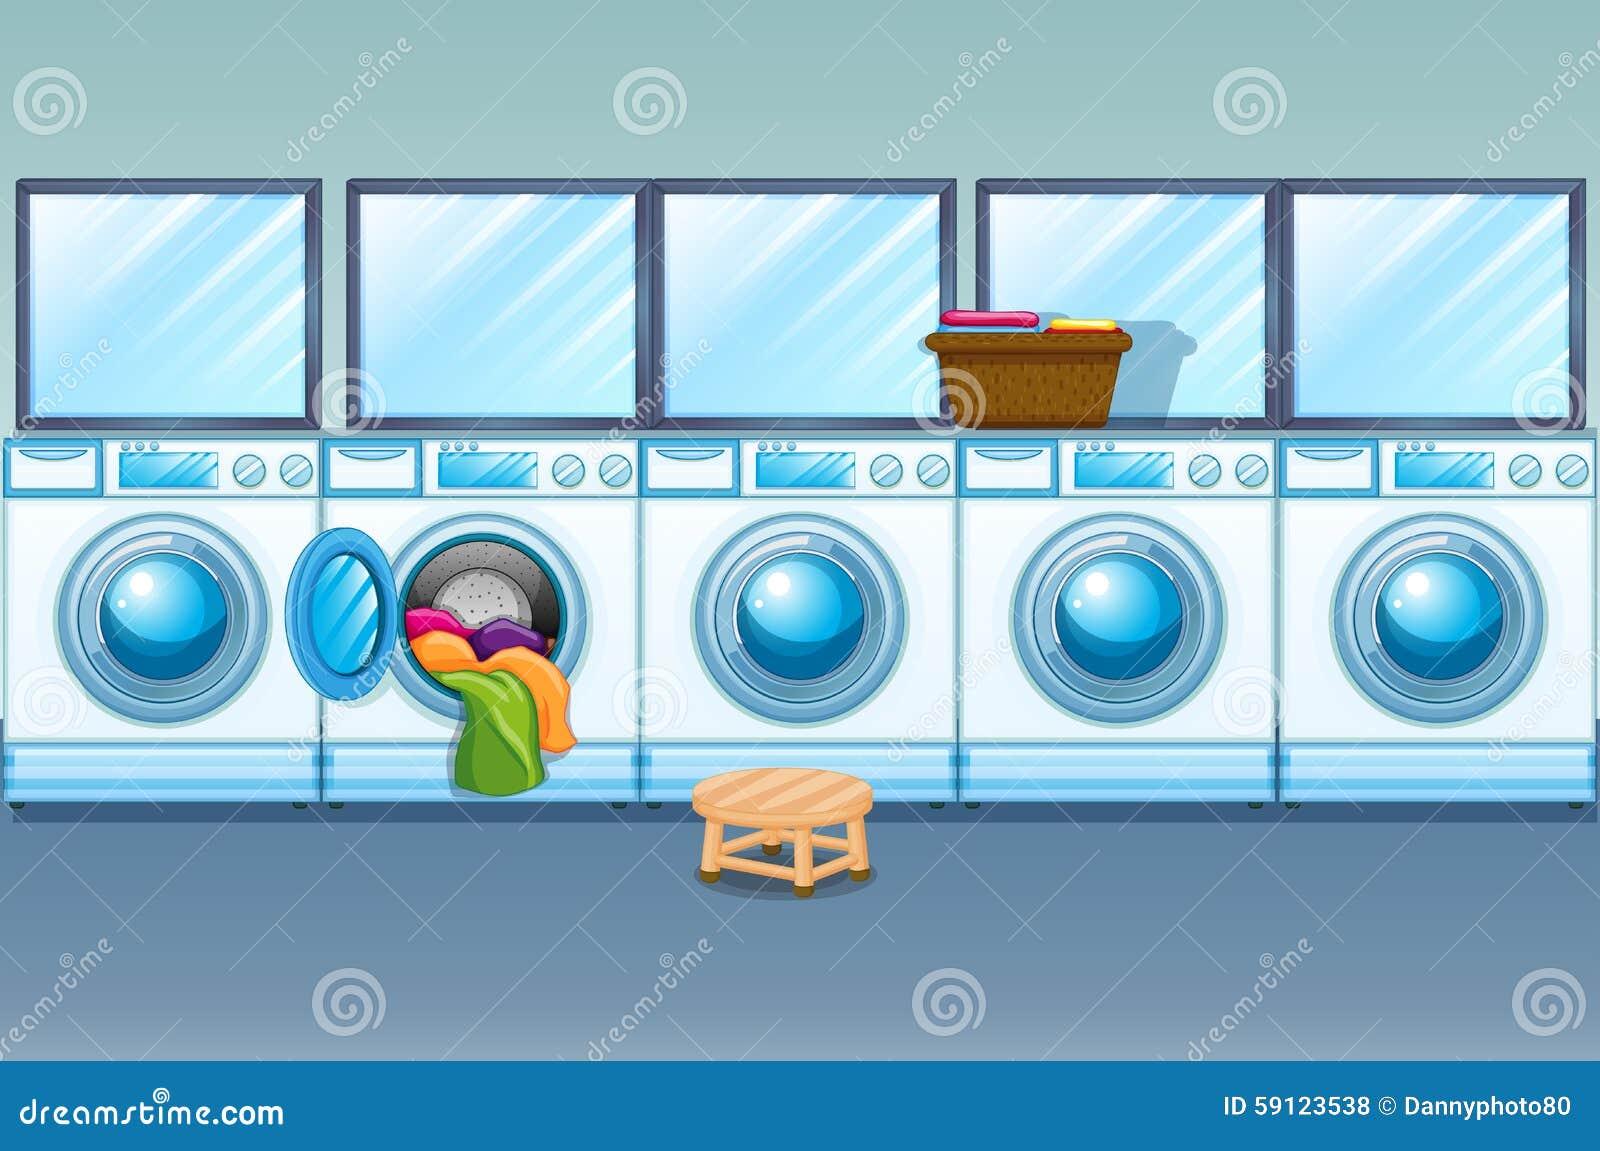 business plan laundry shop